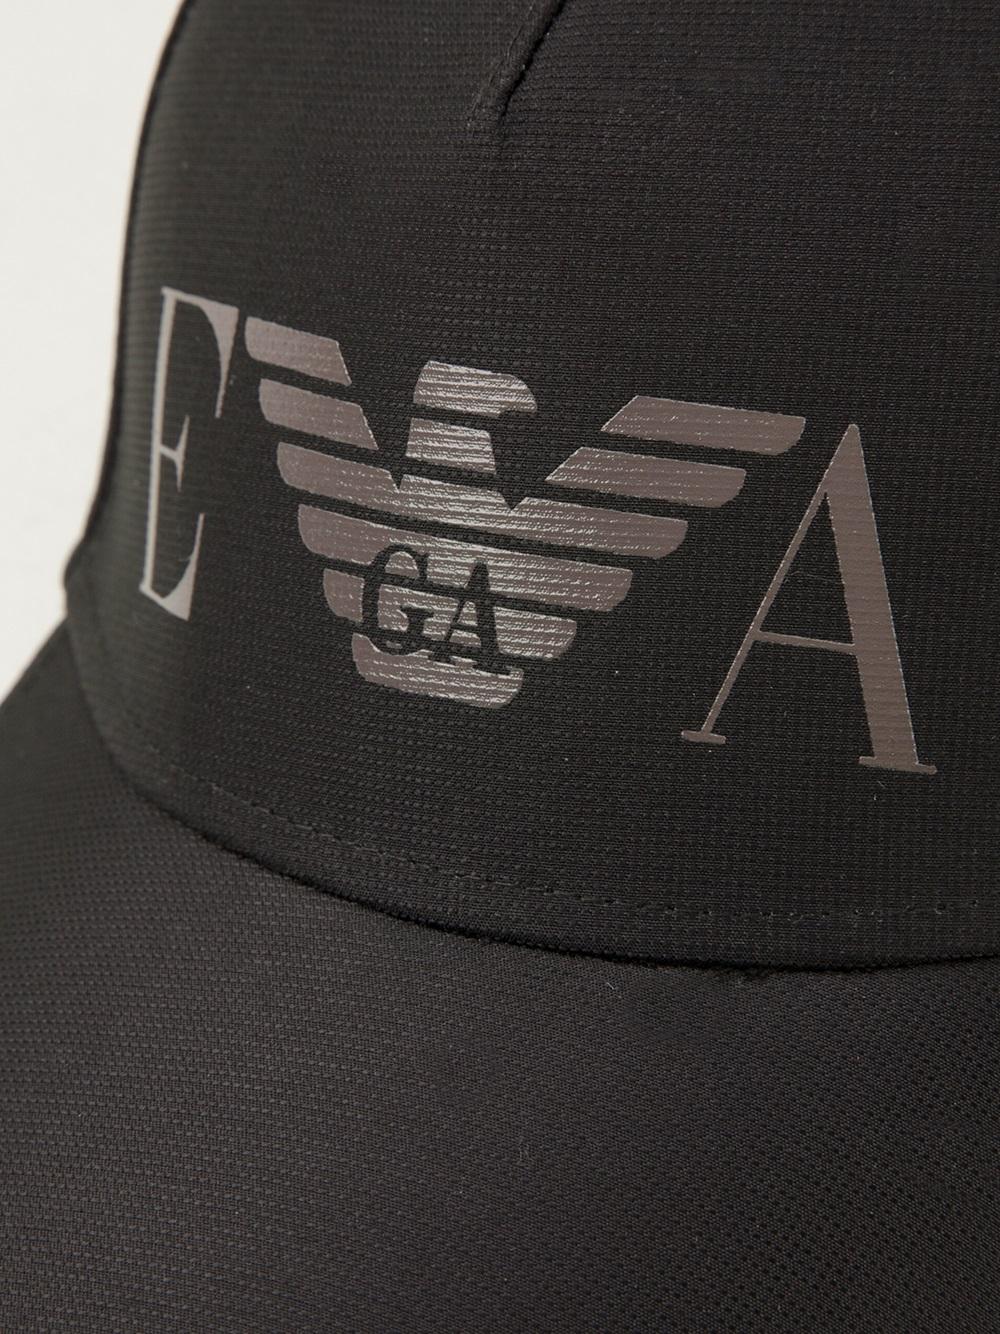 Emporio armani logo cap in black for men lyst - Emporio giorgio armani logo ...